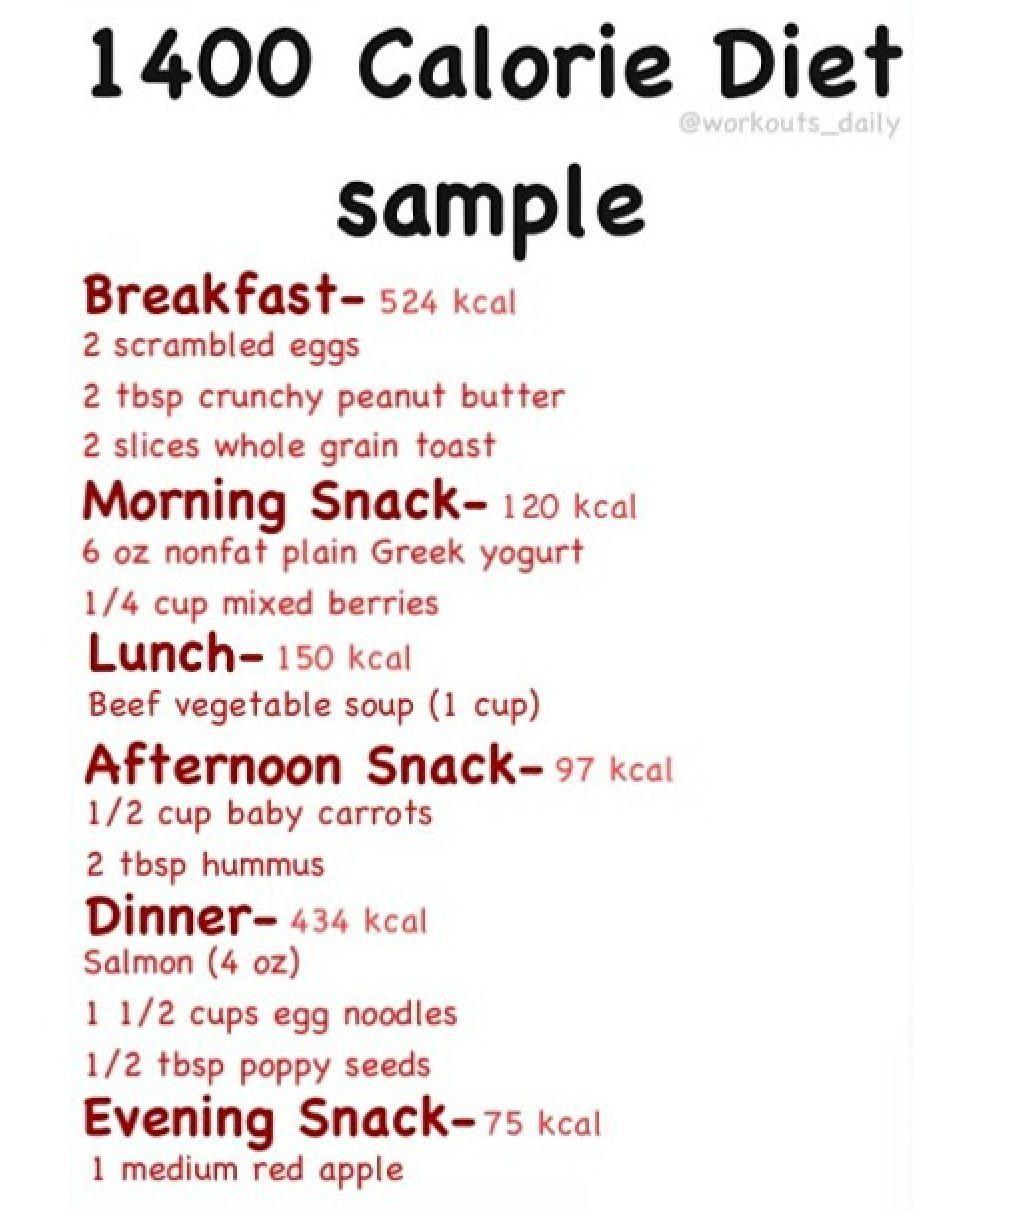 001 Incredible 1400 Calorie Sample Meal Plan Pdf Design Full